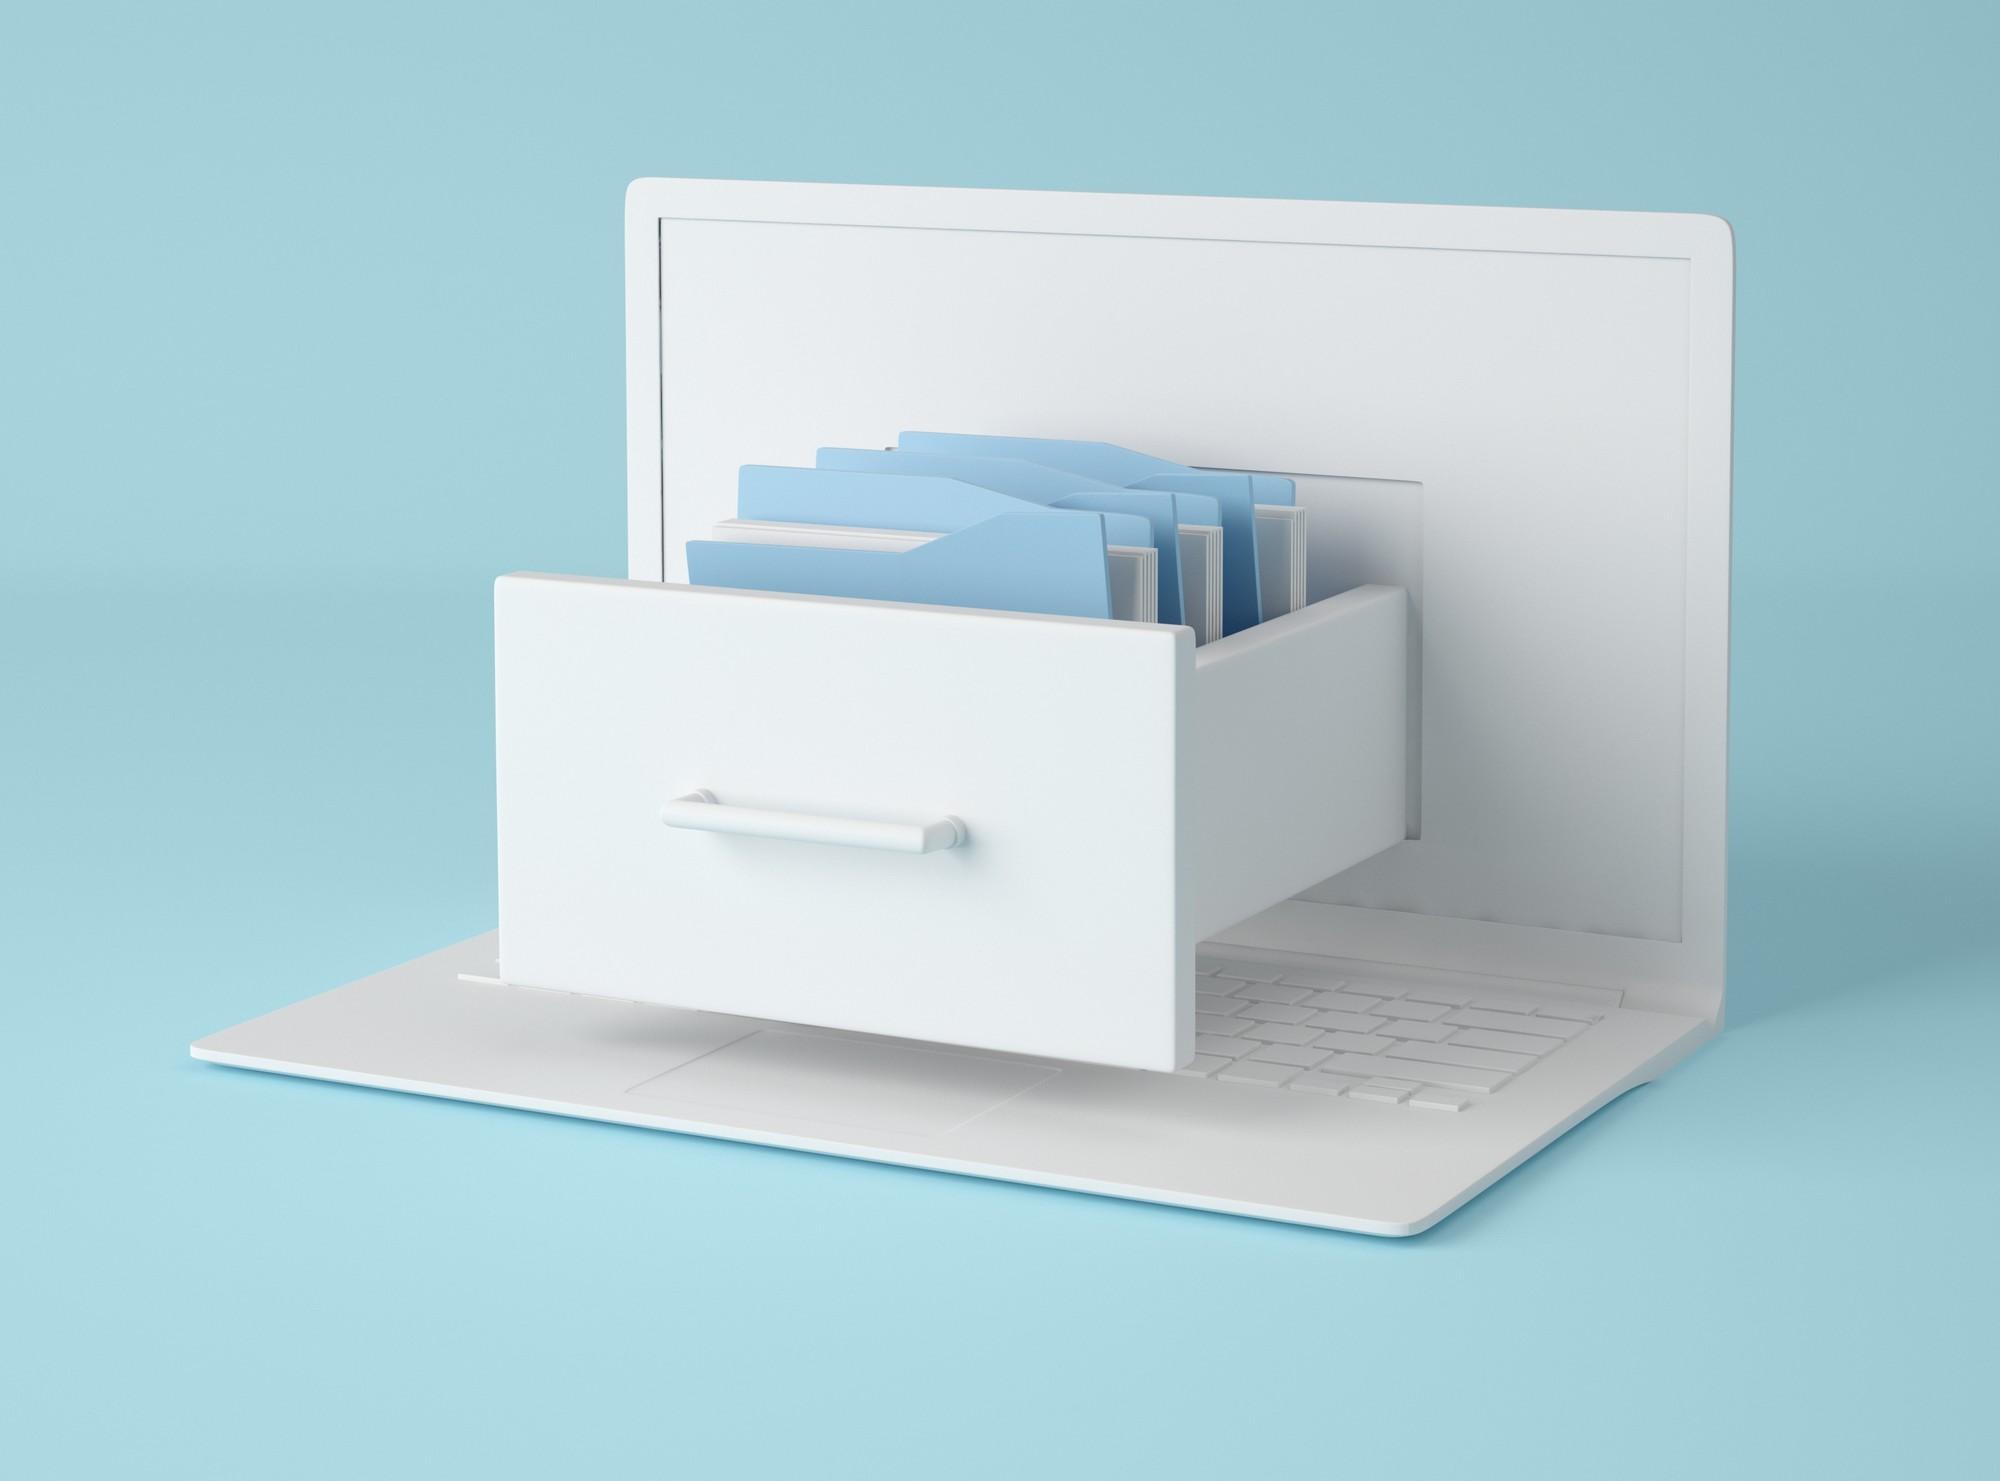 文件管理,雲端系統,文件分類,雲端管理,内存文件